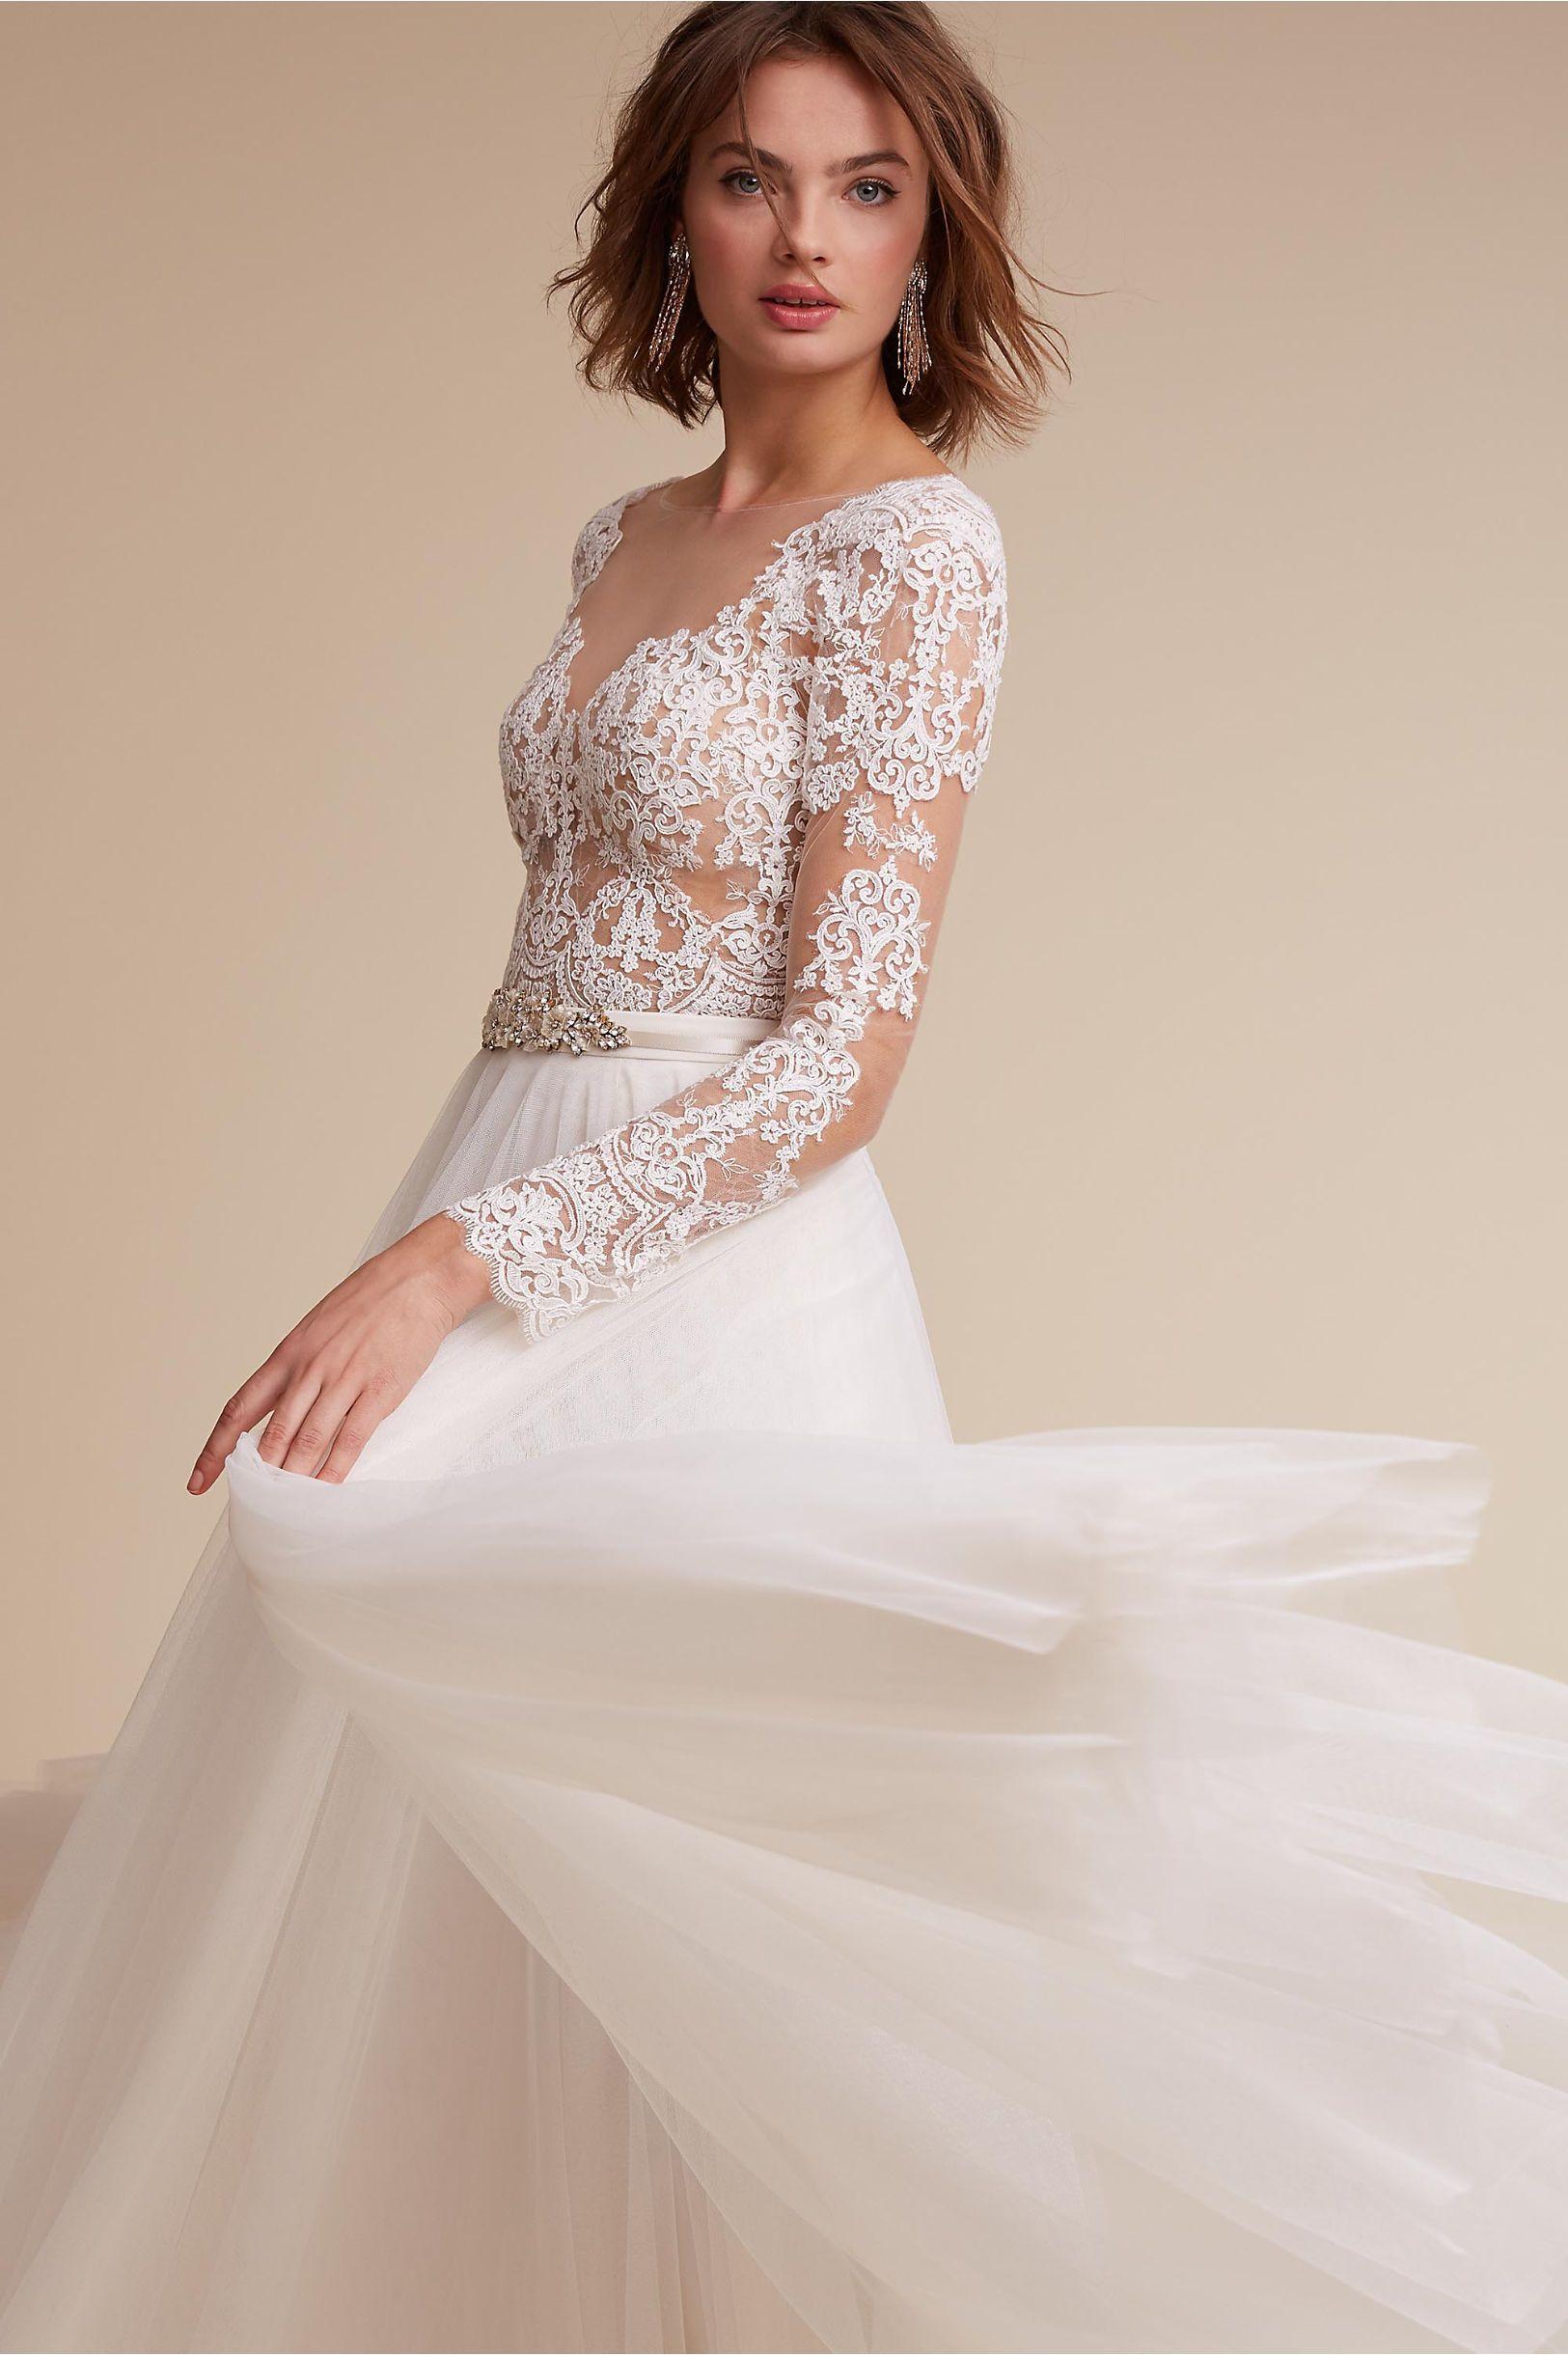 18f086e3c2 BHLDN Rhea Bodysuit   Amora Skirt in New Dresses